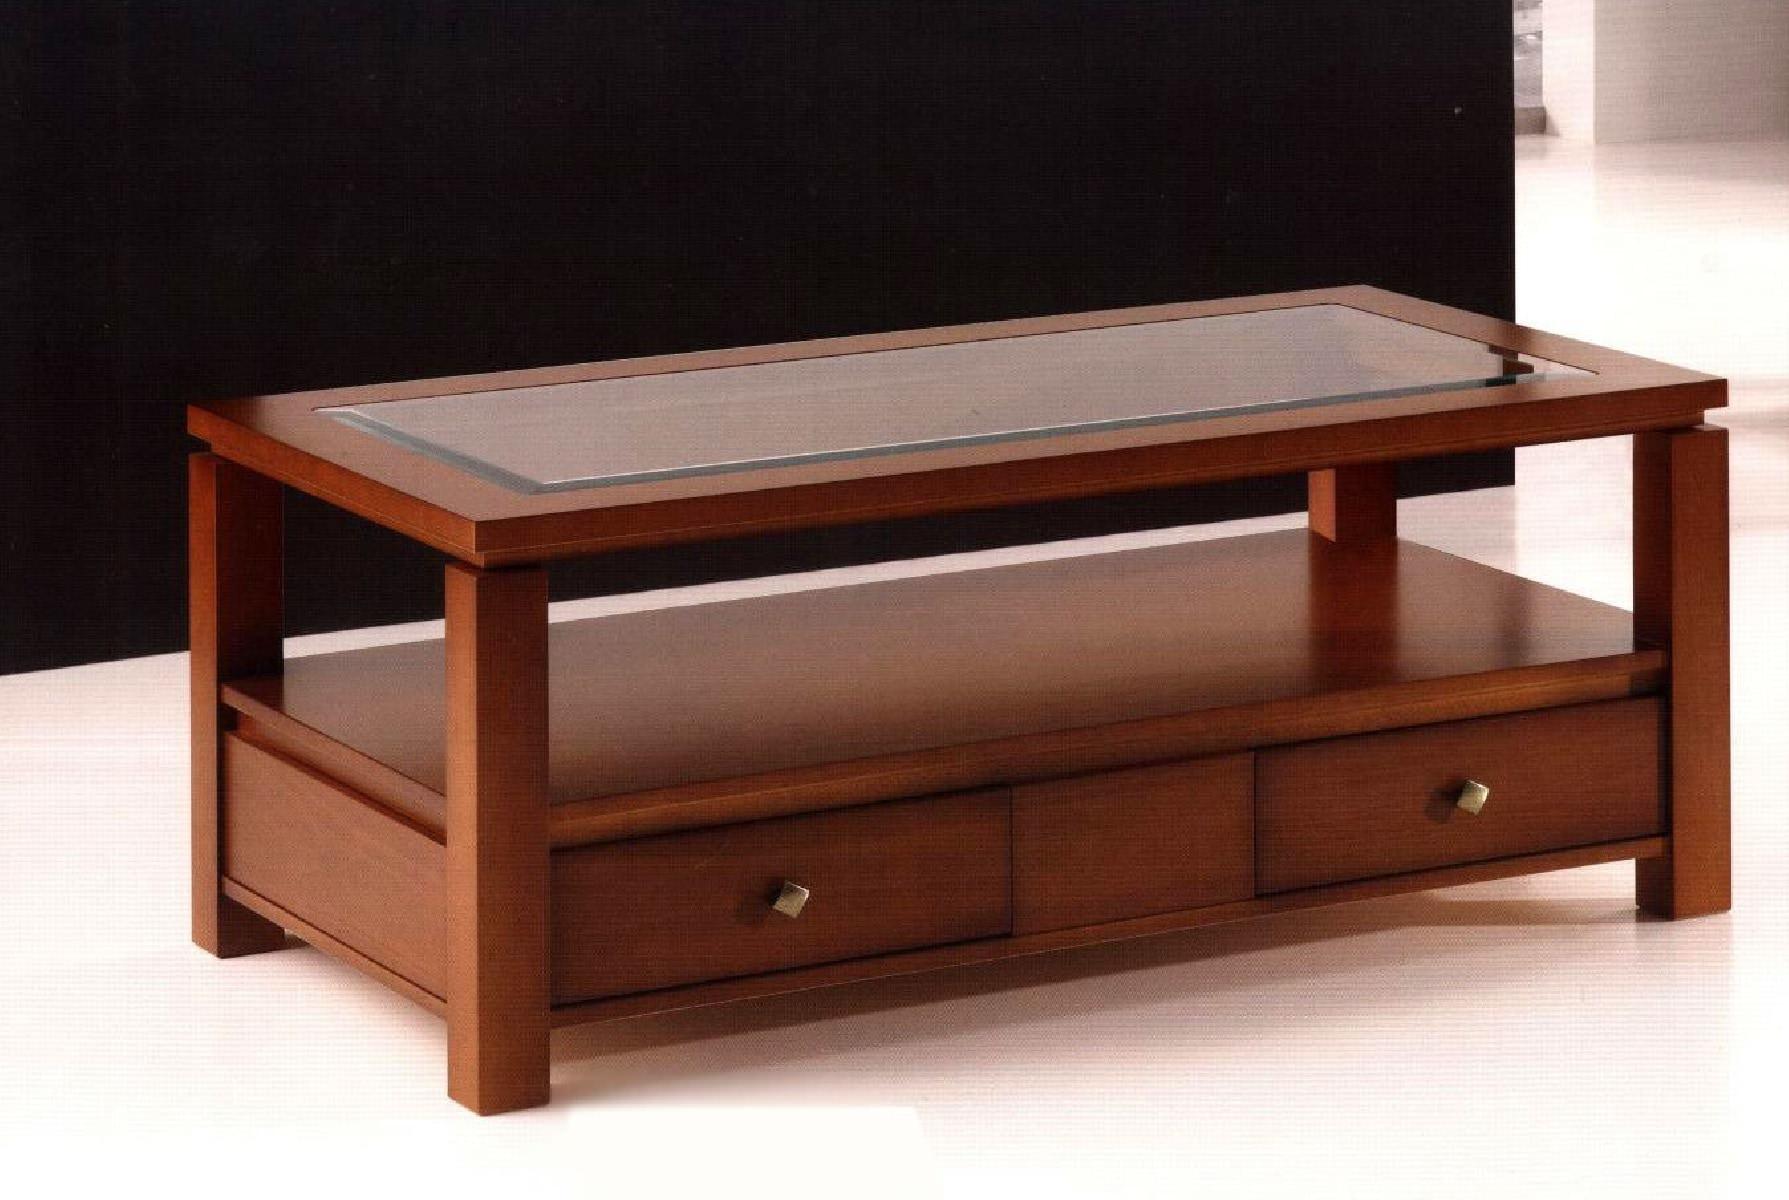 Журнальный стол прямоугольный 45 Disemobel